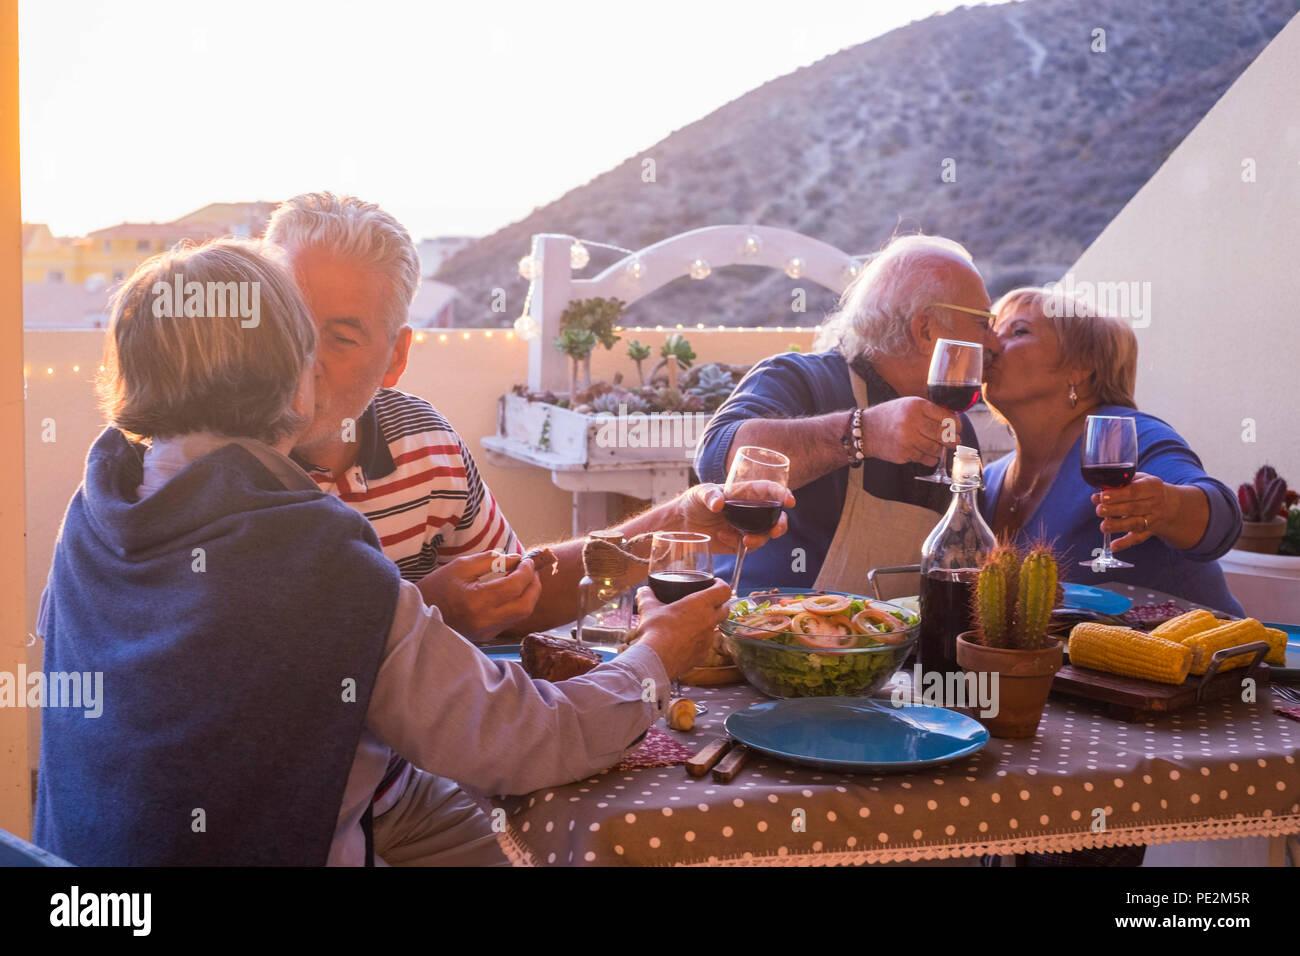 Bel gruppo di soggetti di razza caucasica persone adulte nella felicità di stare insieme per la cena all'aperto in terrazza. amore e amicizia concetto con incredibile vista. v Immagini Stock